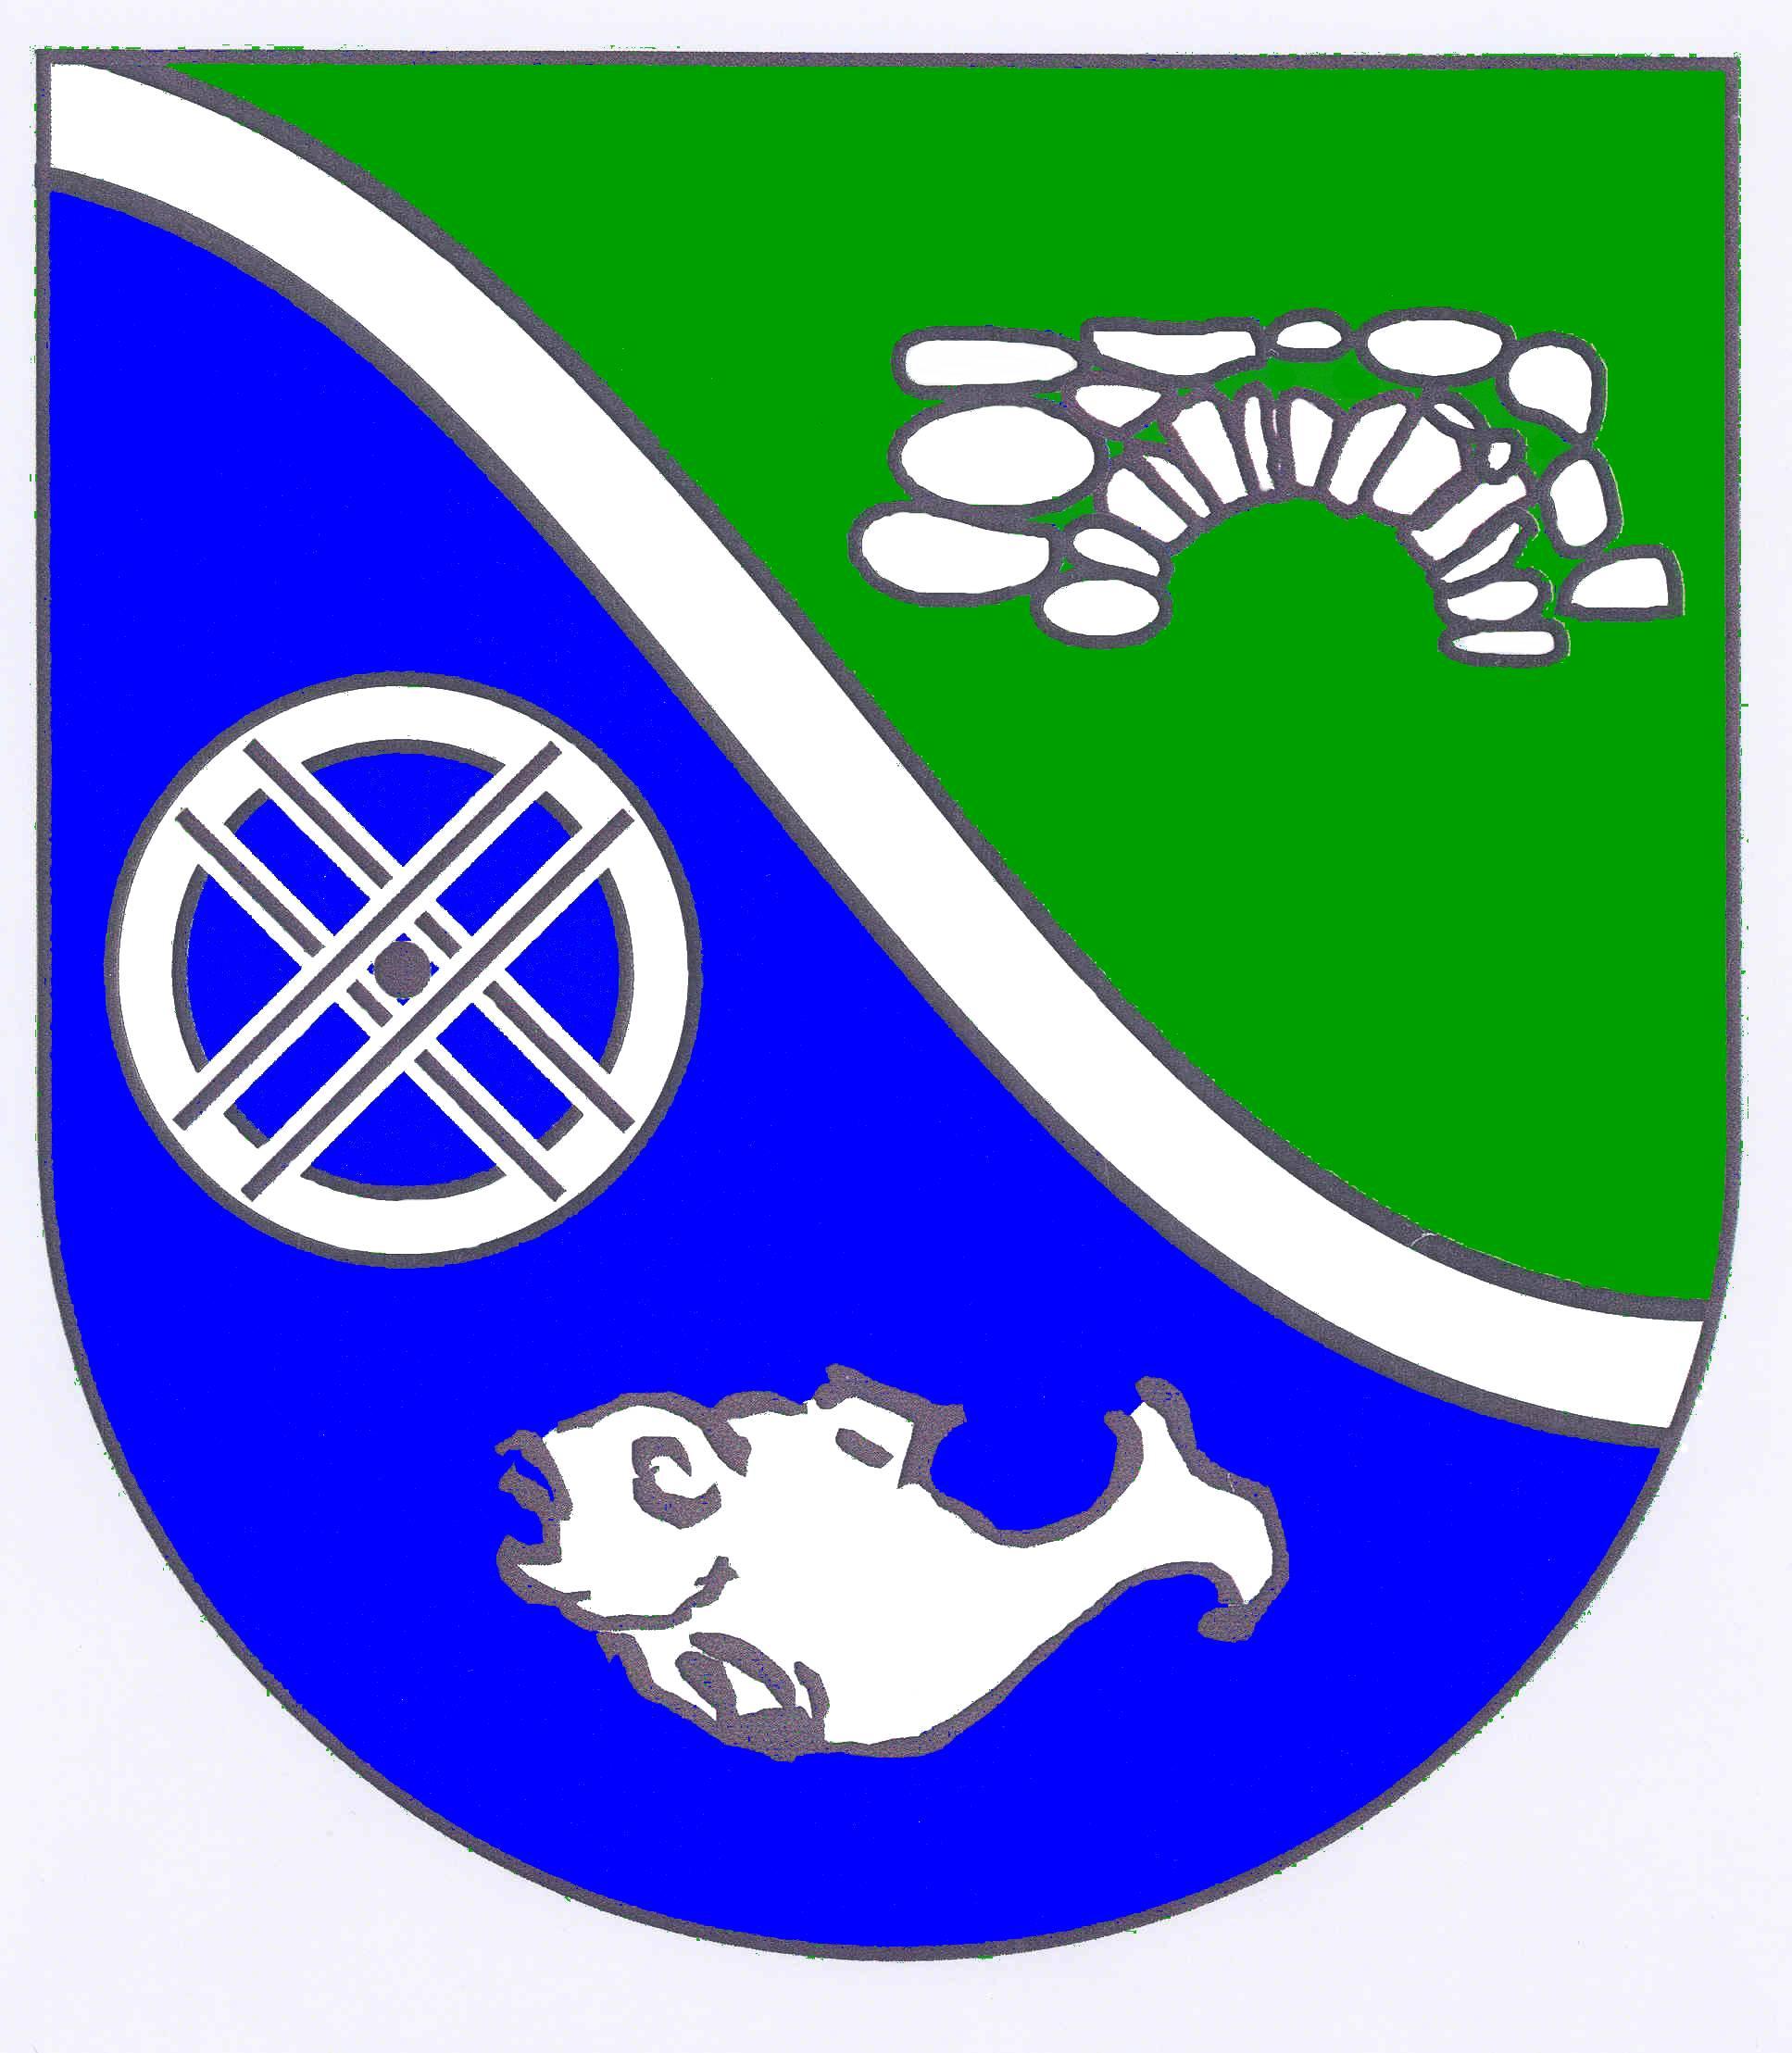 Wappen GemeindeMühlenrade, Kreis Herzogtum Lauenburg